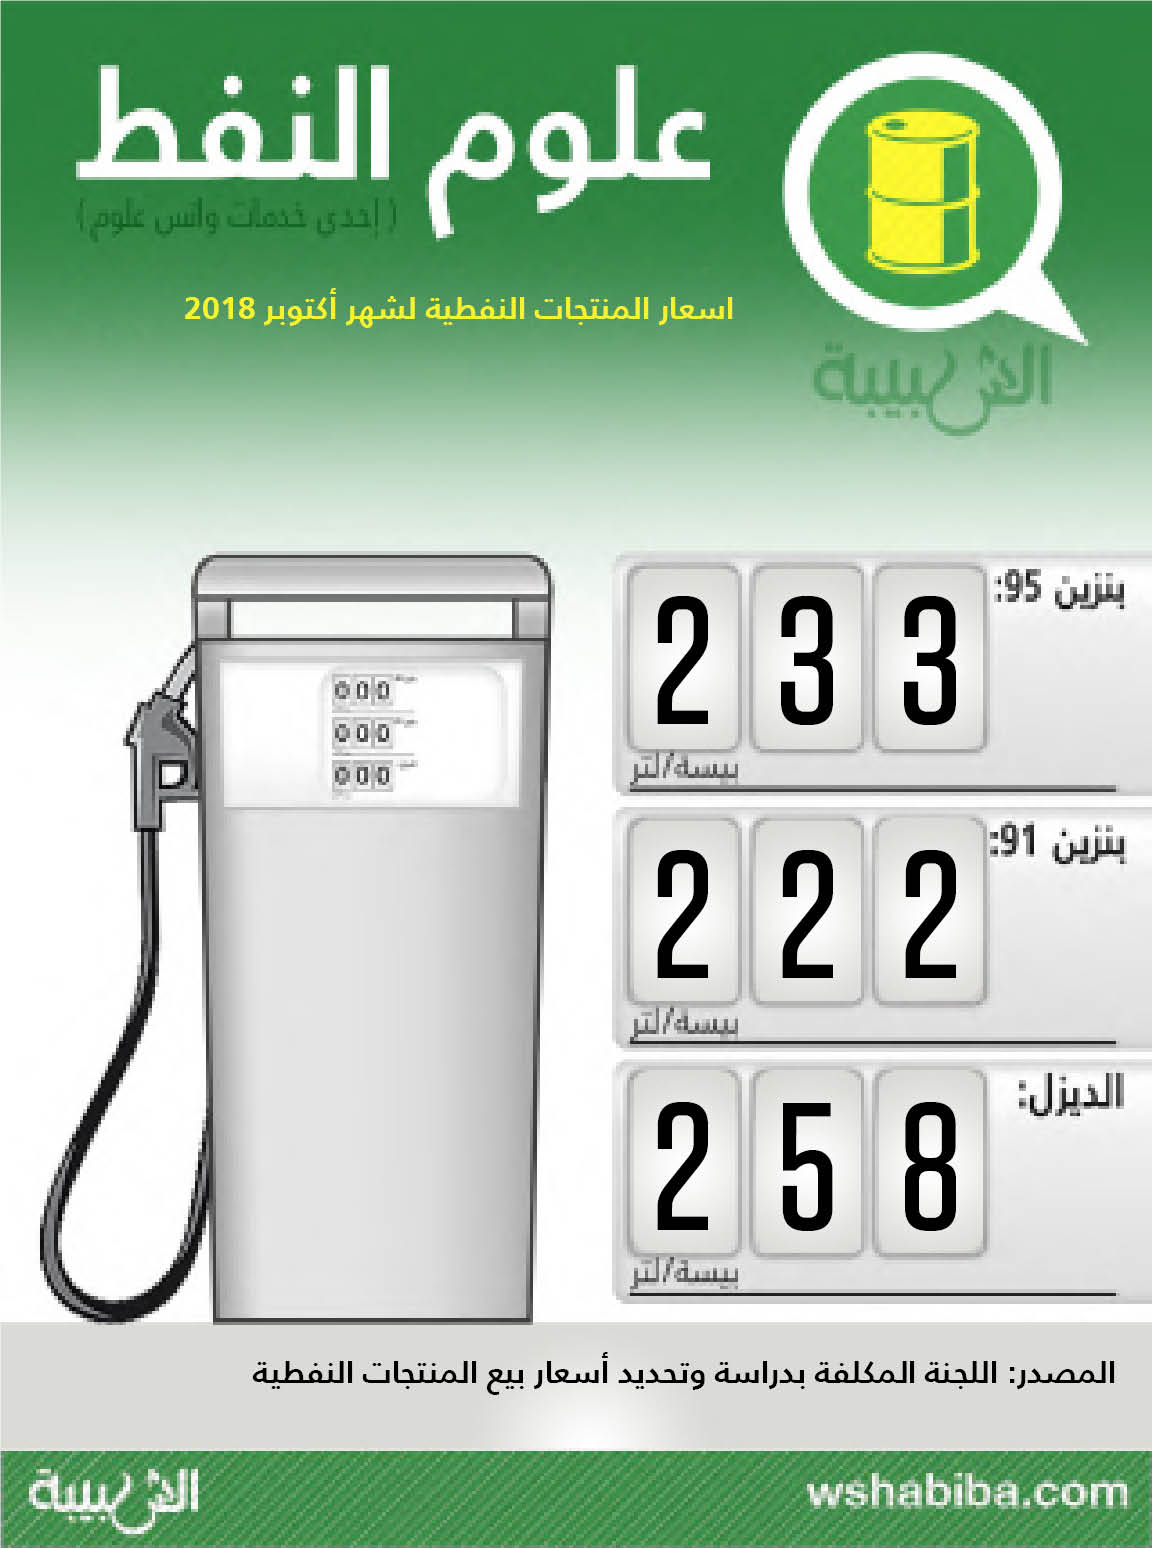 الإعلان الرسمي عن أسعار المنتجات النفطية لشهر أكتوبر